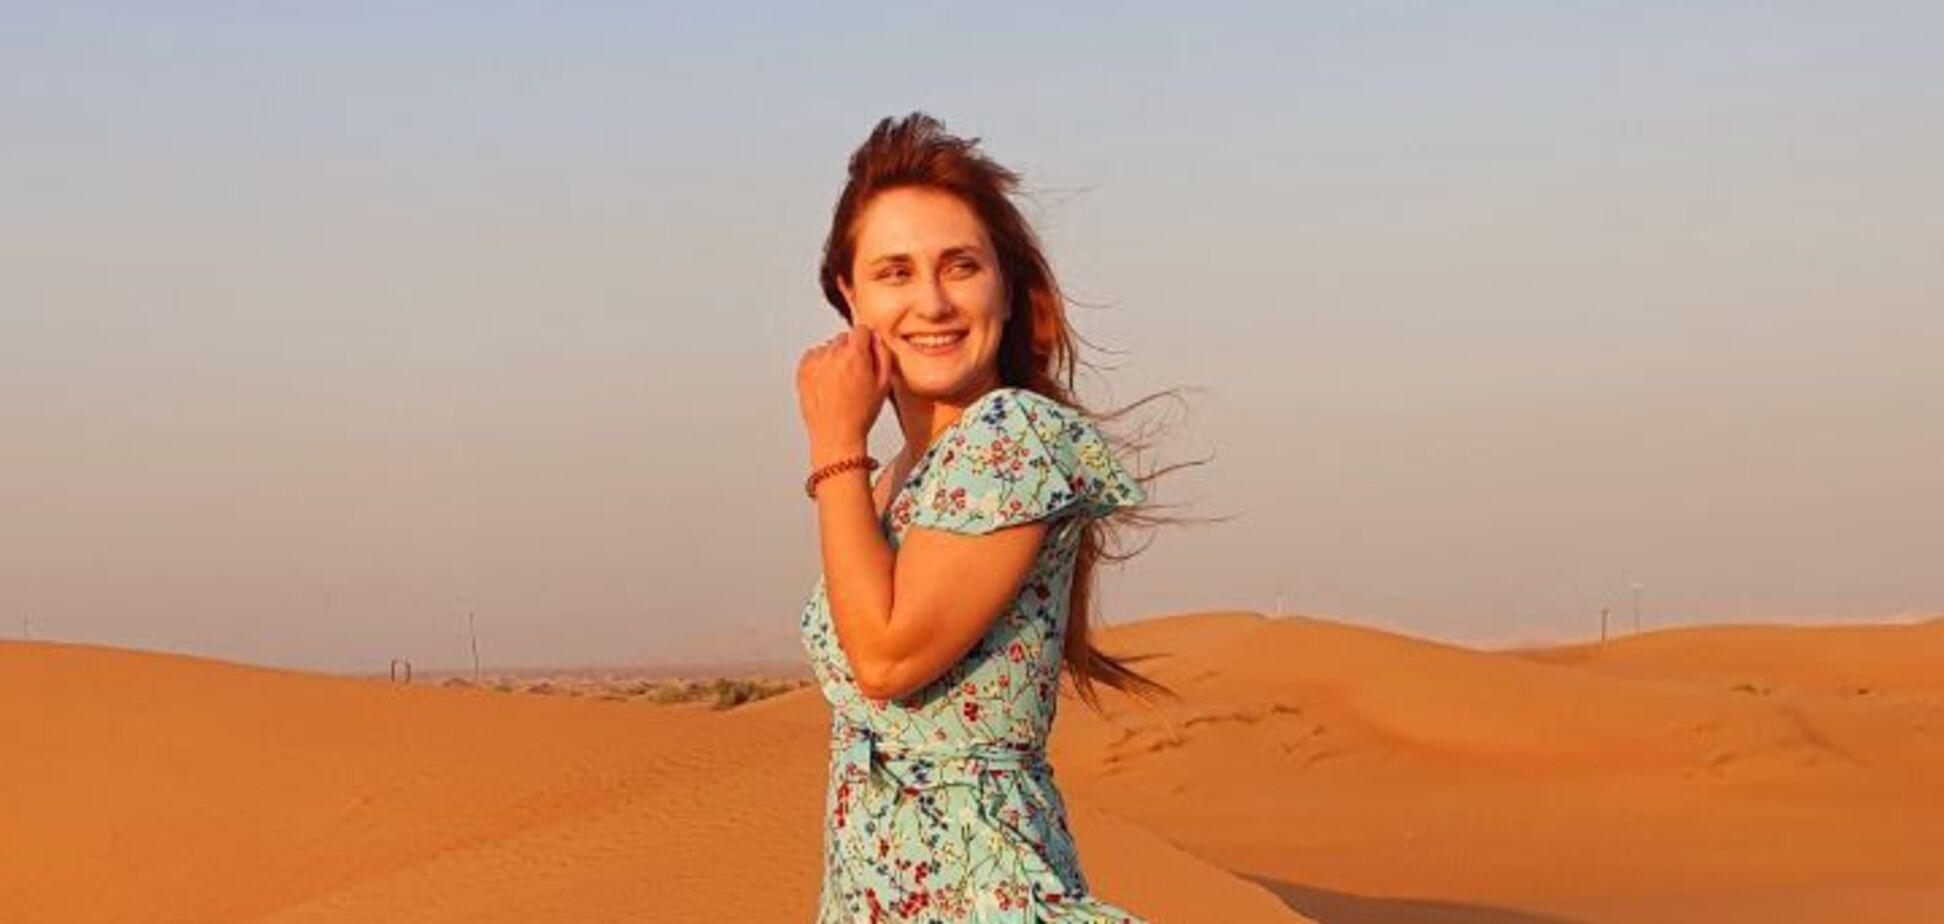 Певица Marietta назвала топ-5 мест для семейного отдыха в Эмиратах